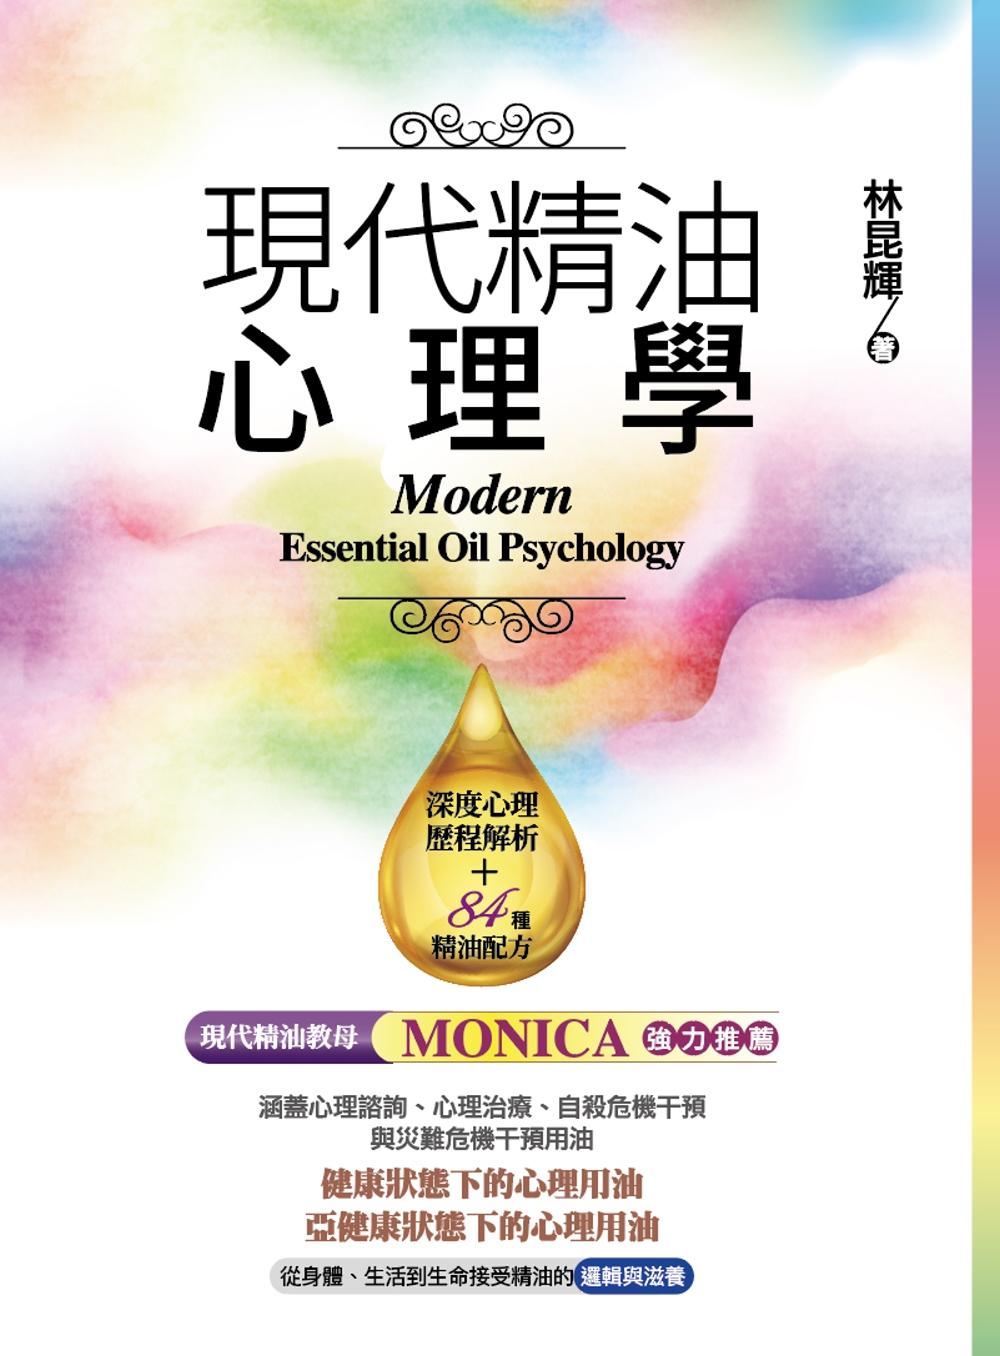 現代精油心理學(限台灣)